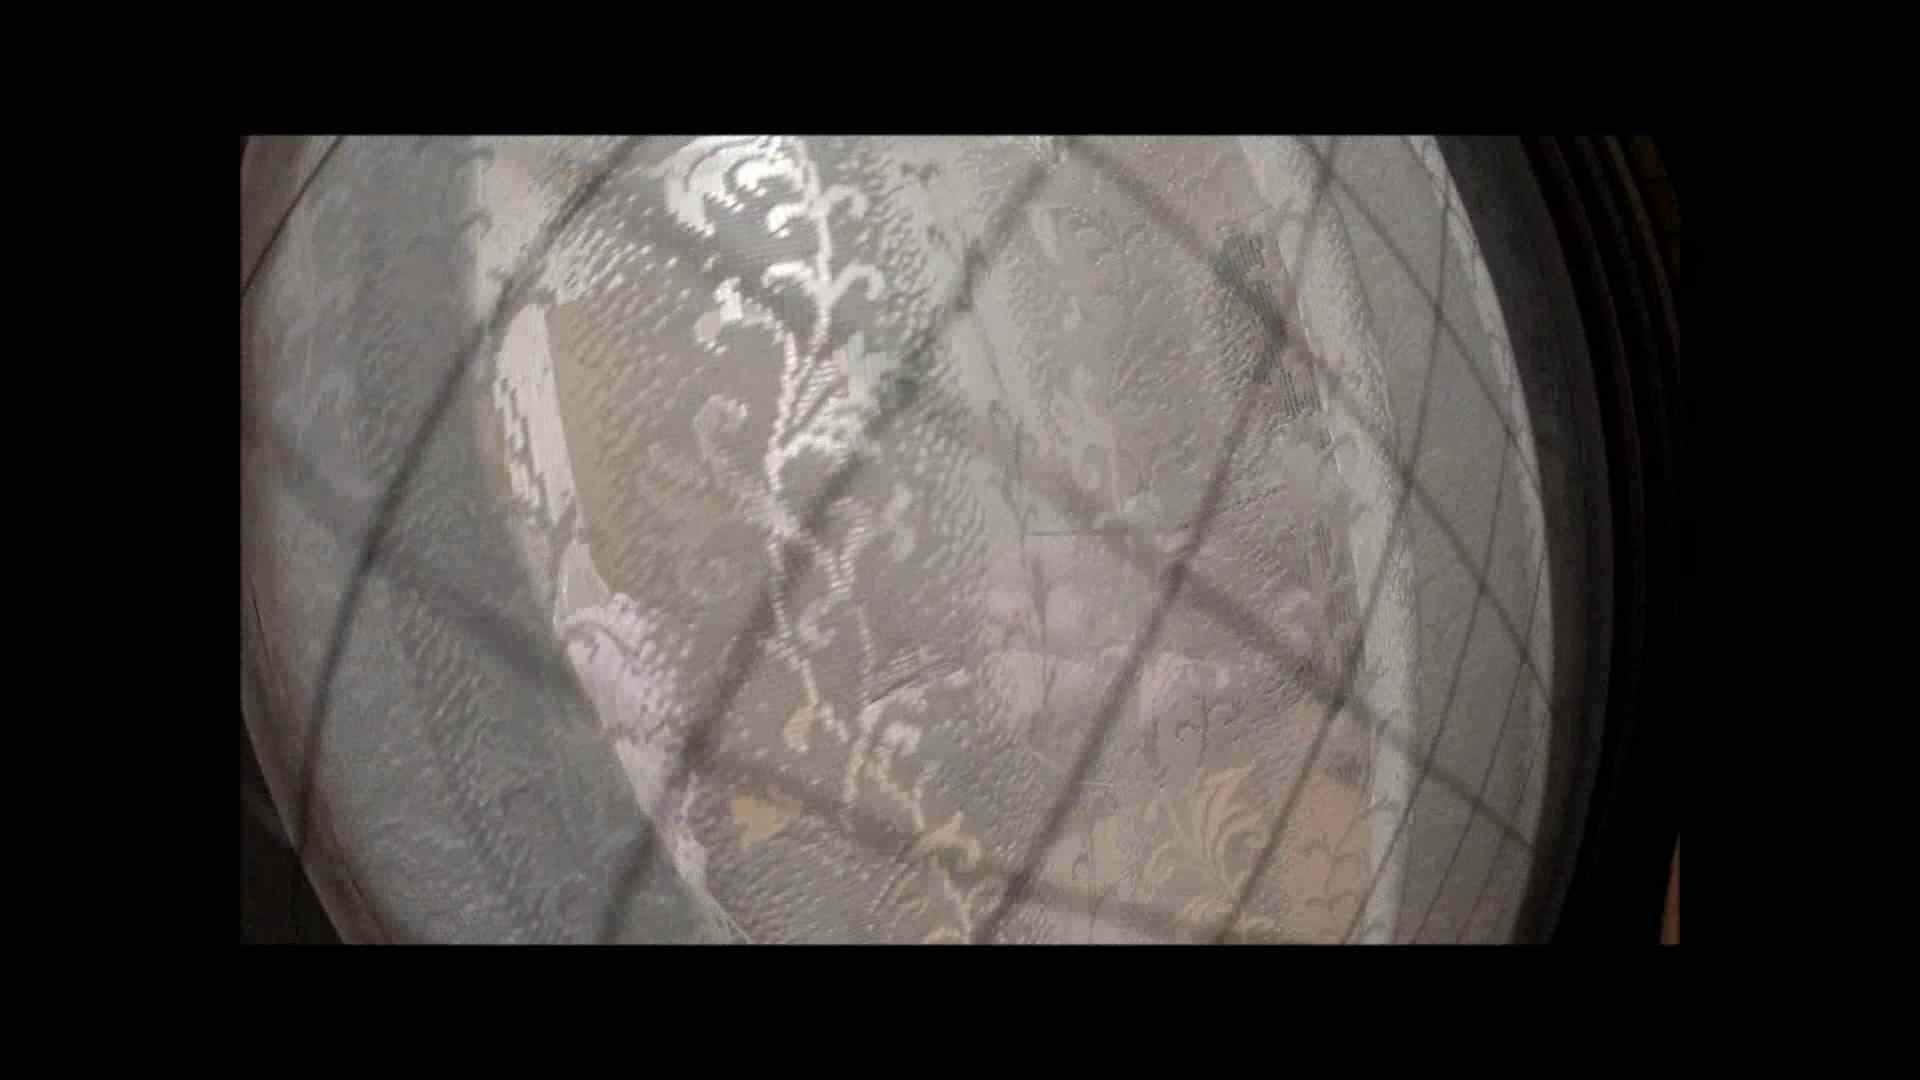 【04】別の日・・・魚眼レンズで広角に撮れました。 マンコ満開 えろ無修正画像 80PIX 10